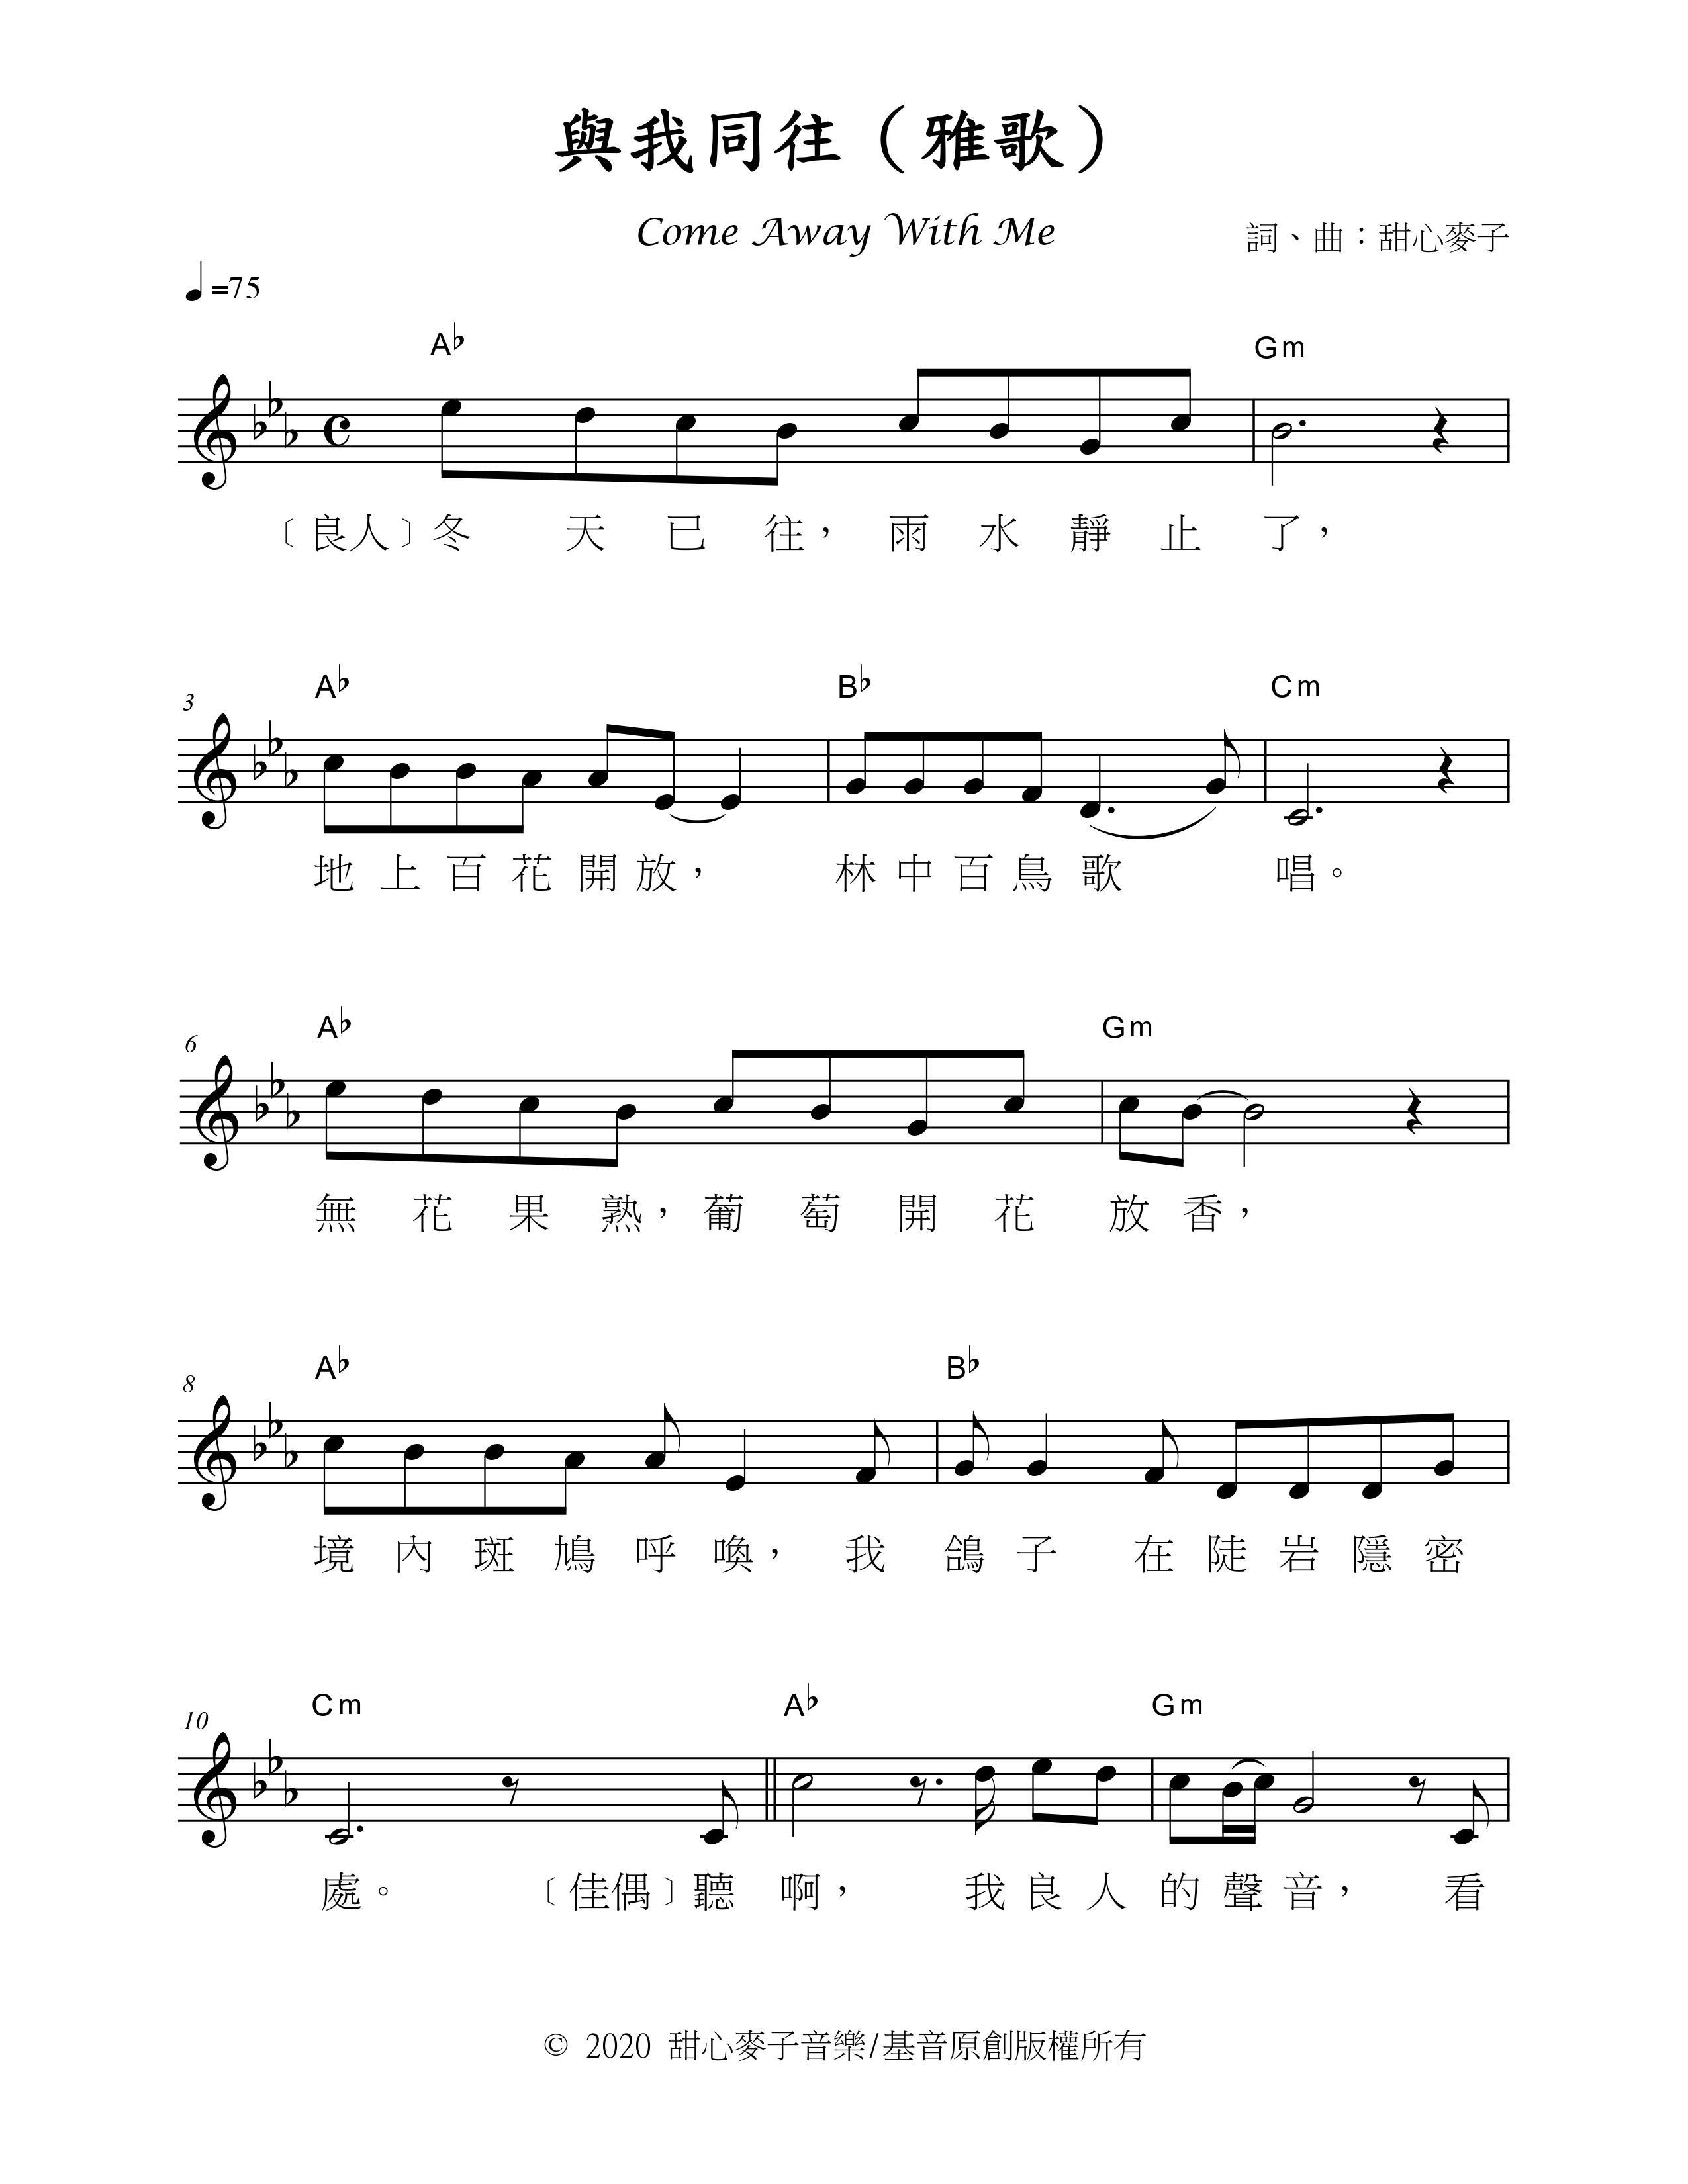 《与我同往(雅歌) 官方和弦五线谱》